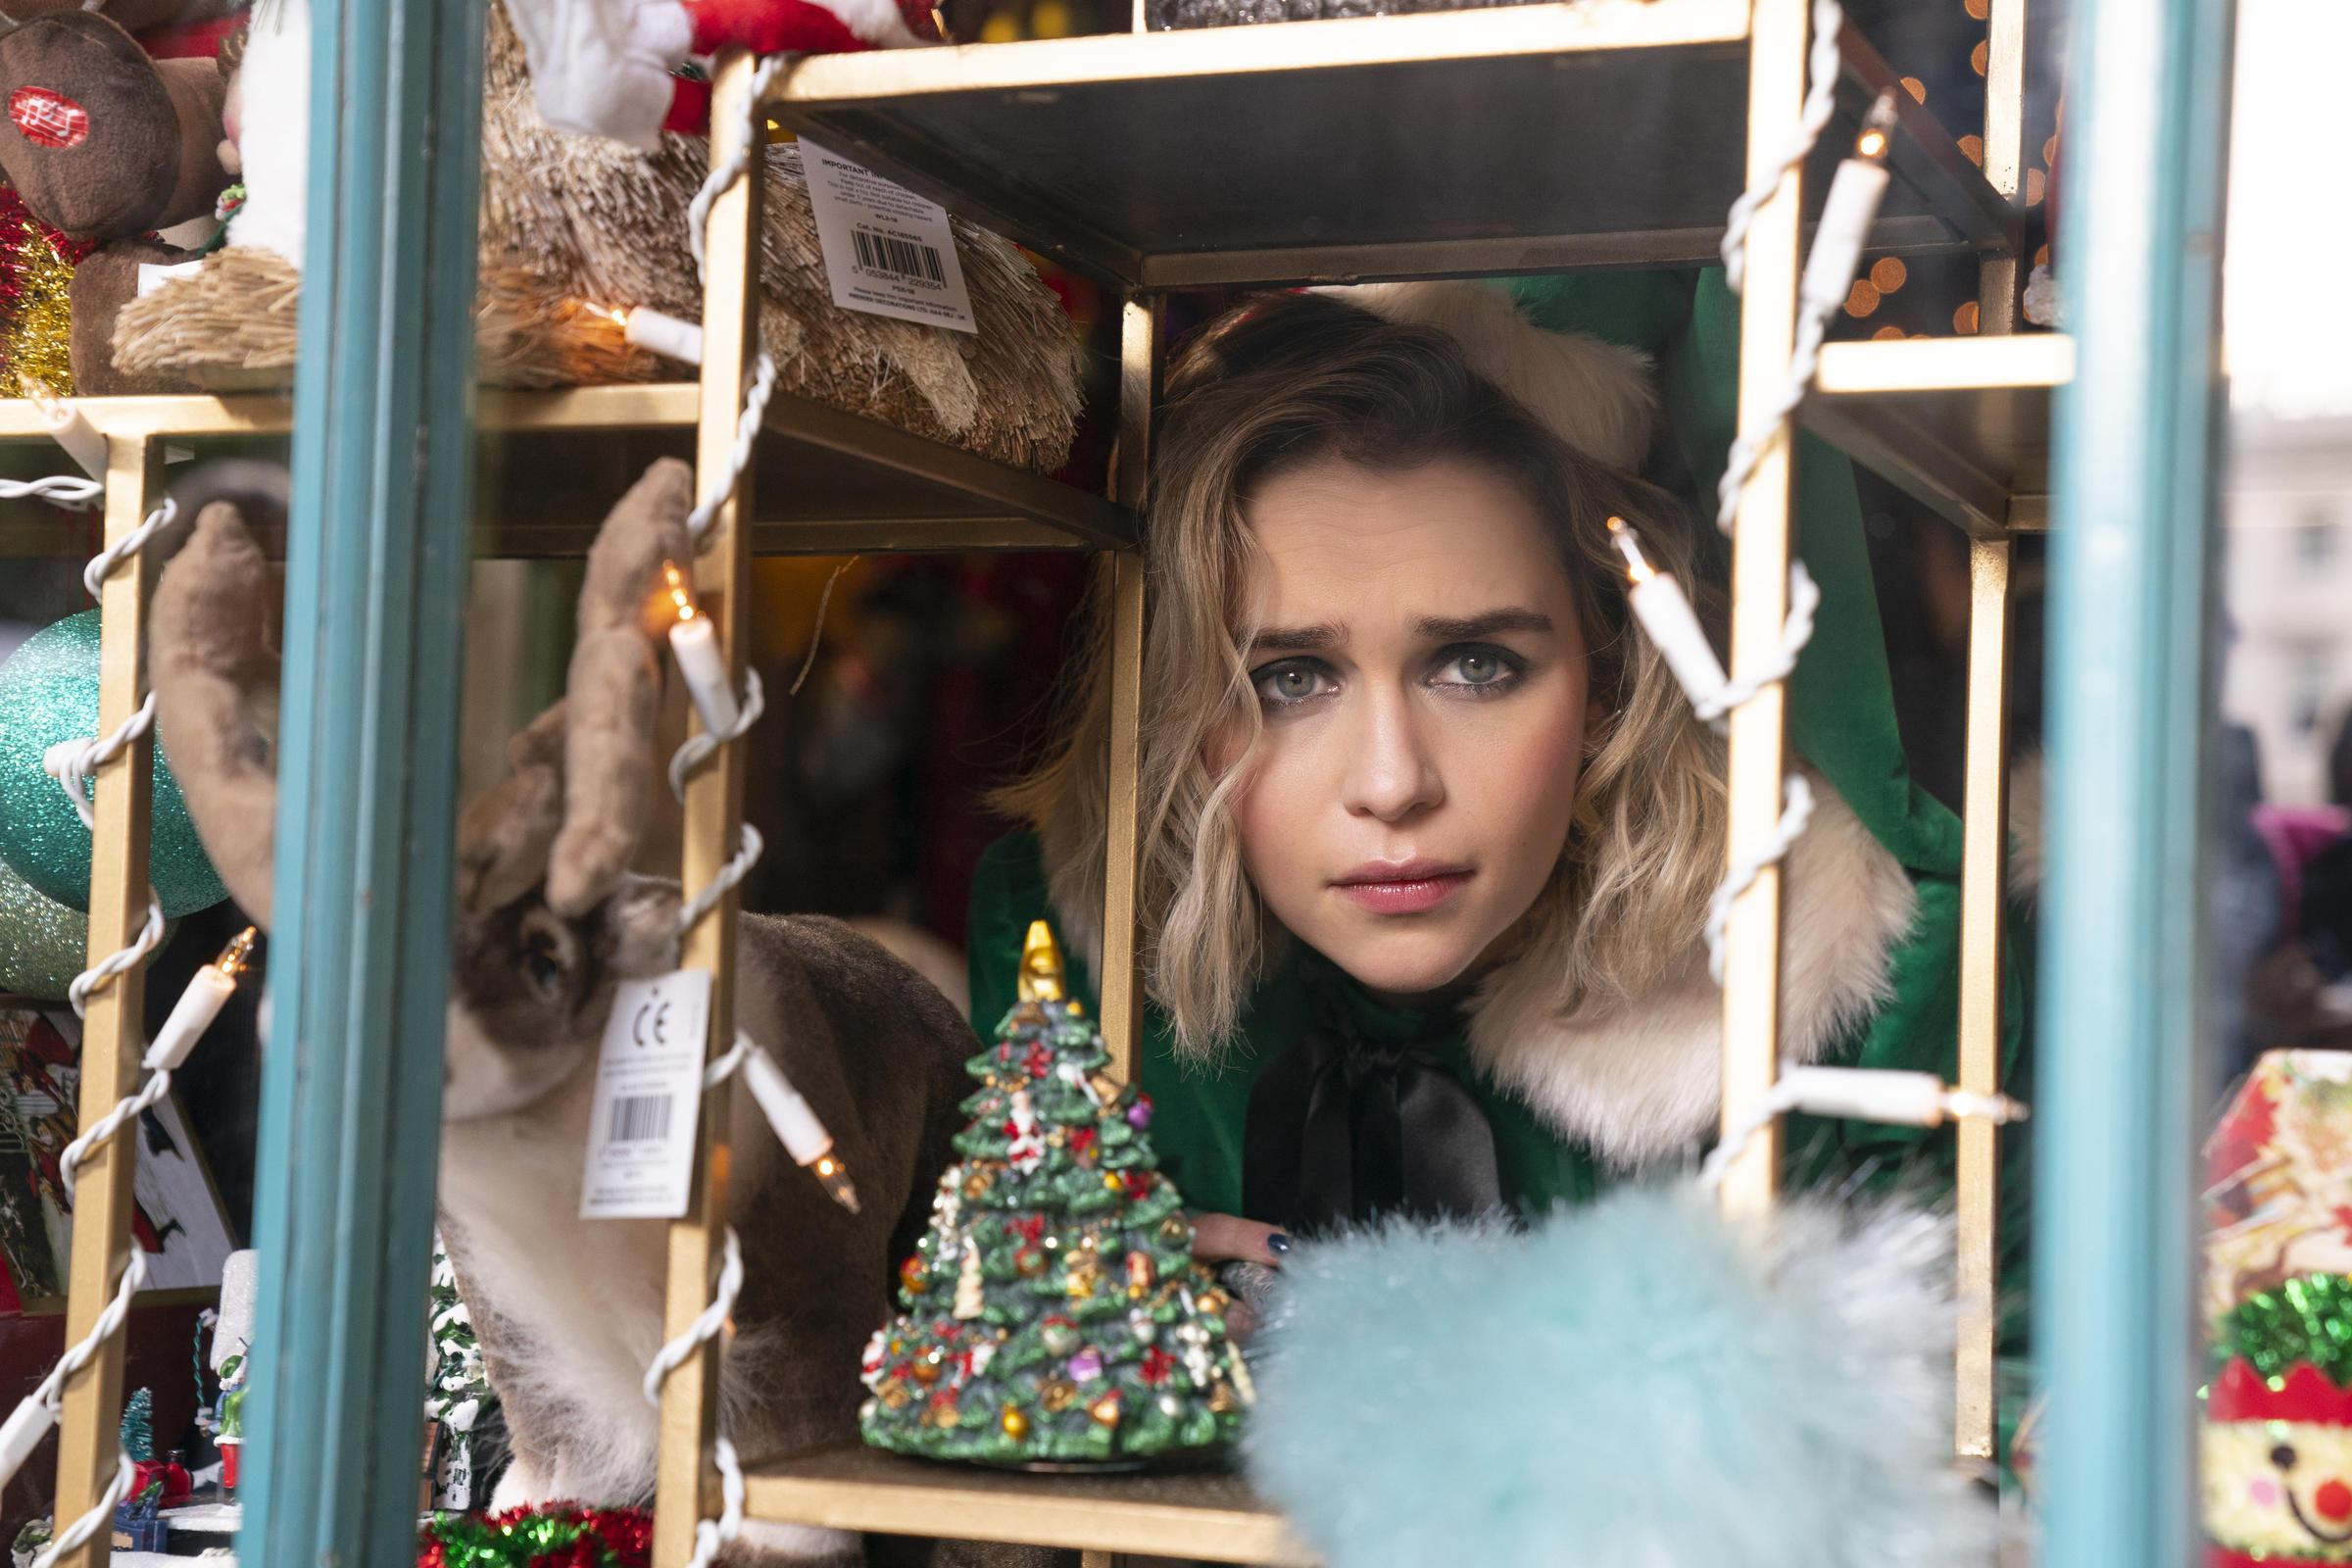 Emilia Clarke as Kate, peering through a window.